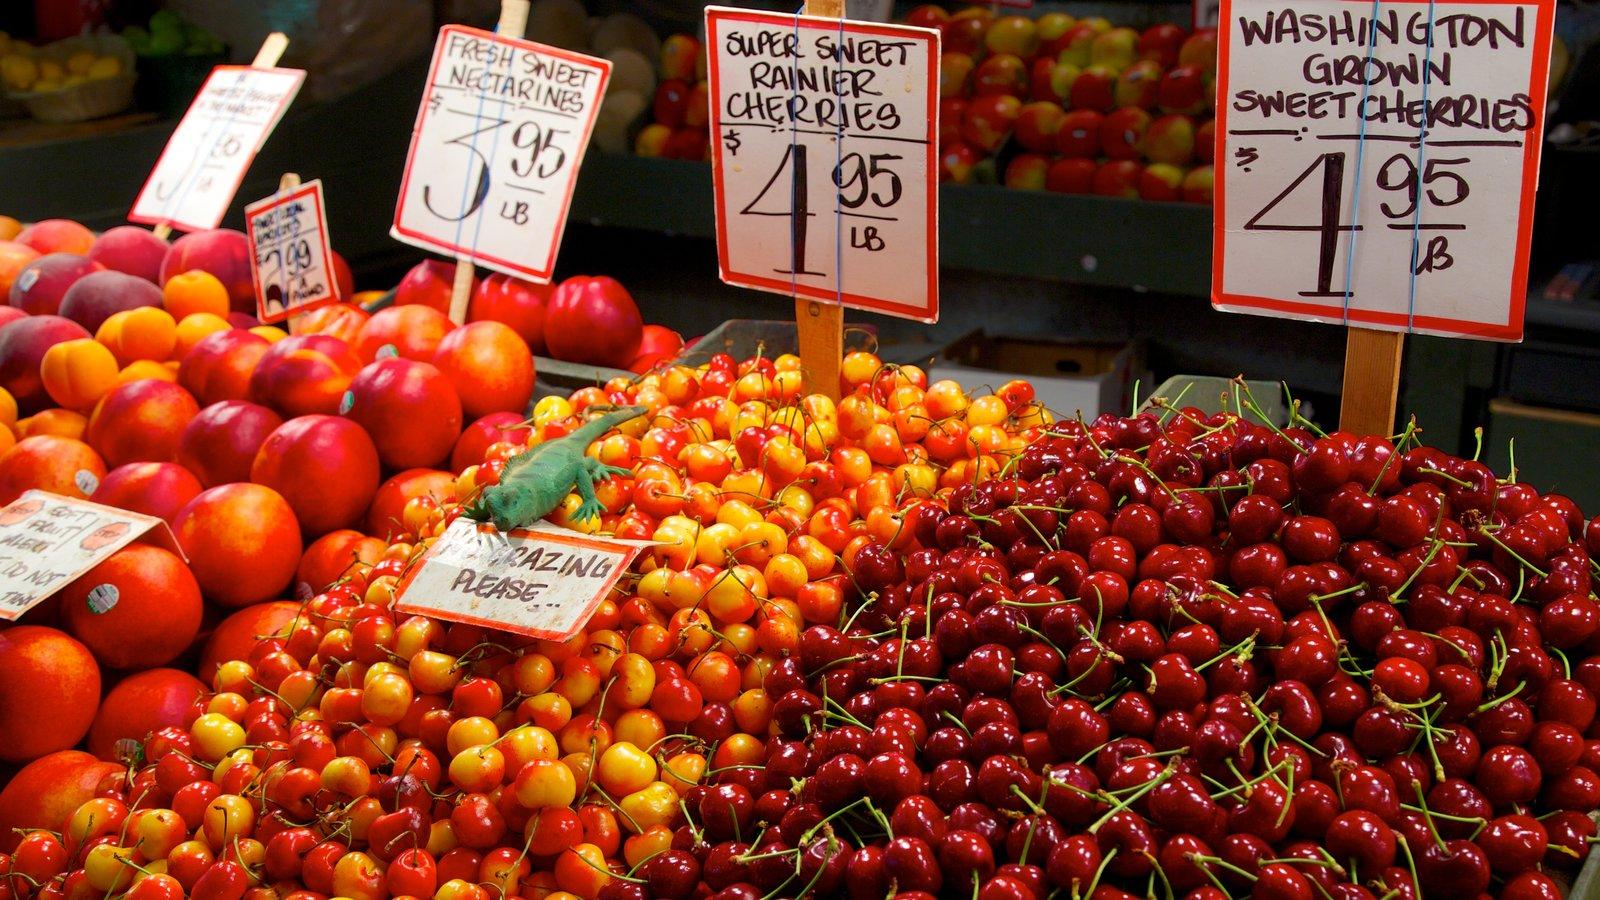 Pike Place Market mostrando vistas interiores, comida y mercados